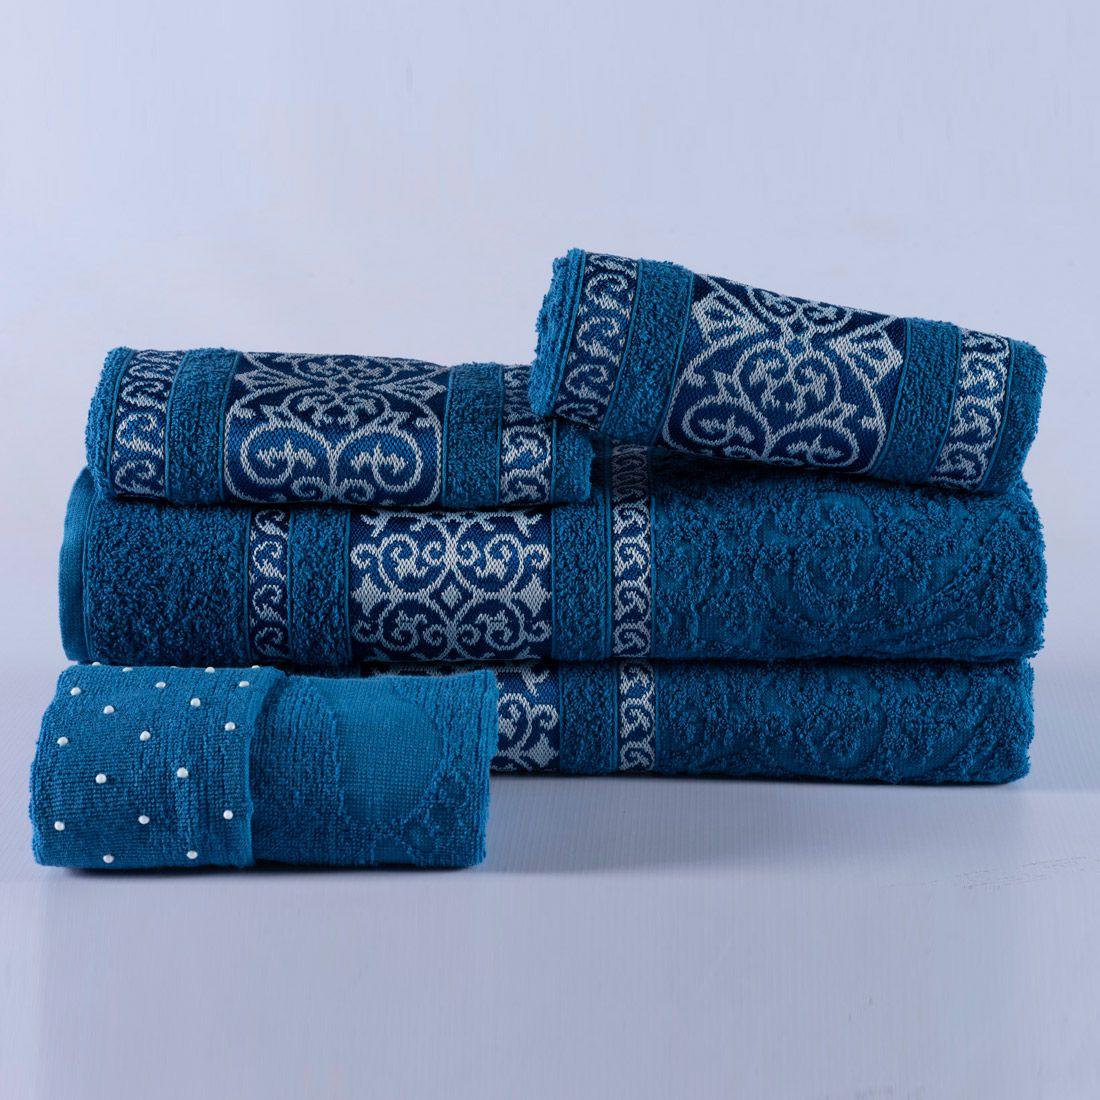 Jogo de Banho Firenze Azul Felpa 100% Algodão 500g/m² - 05 Peças